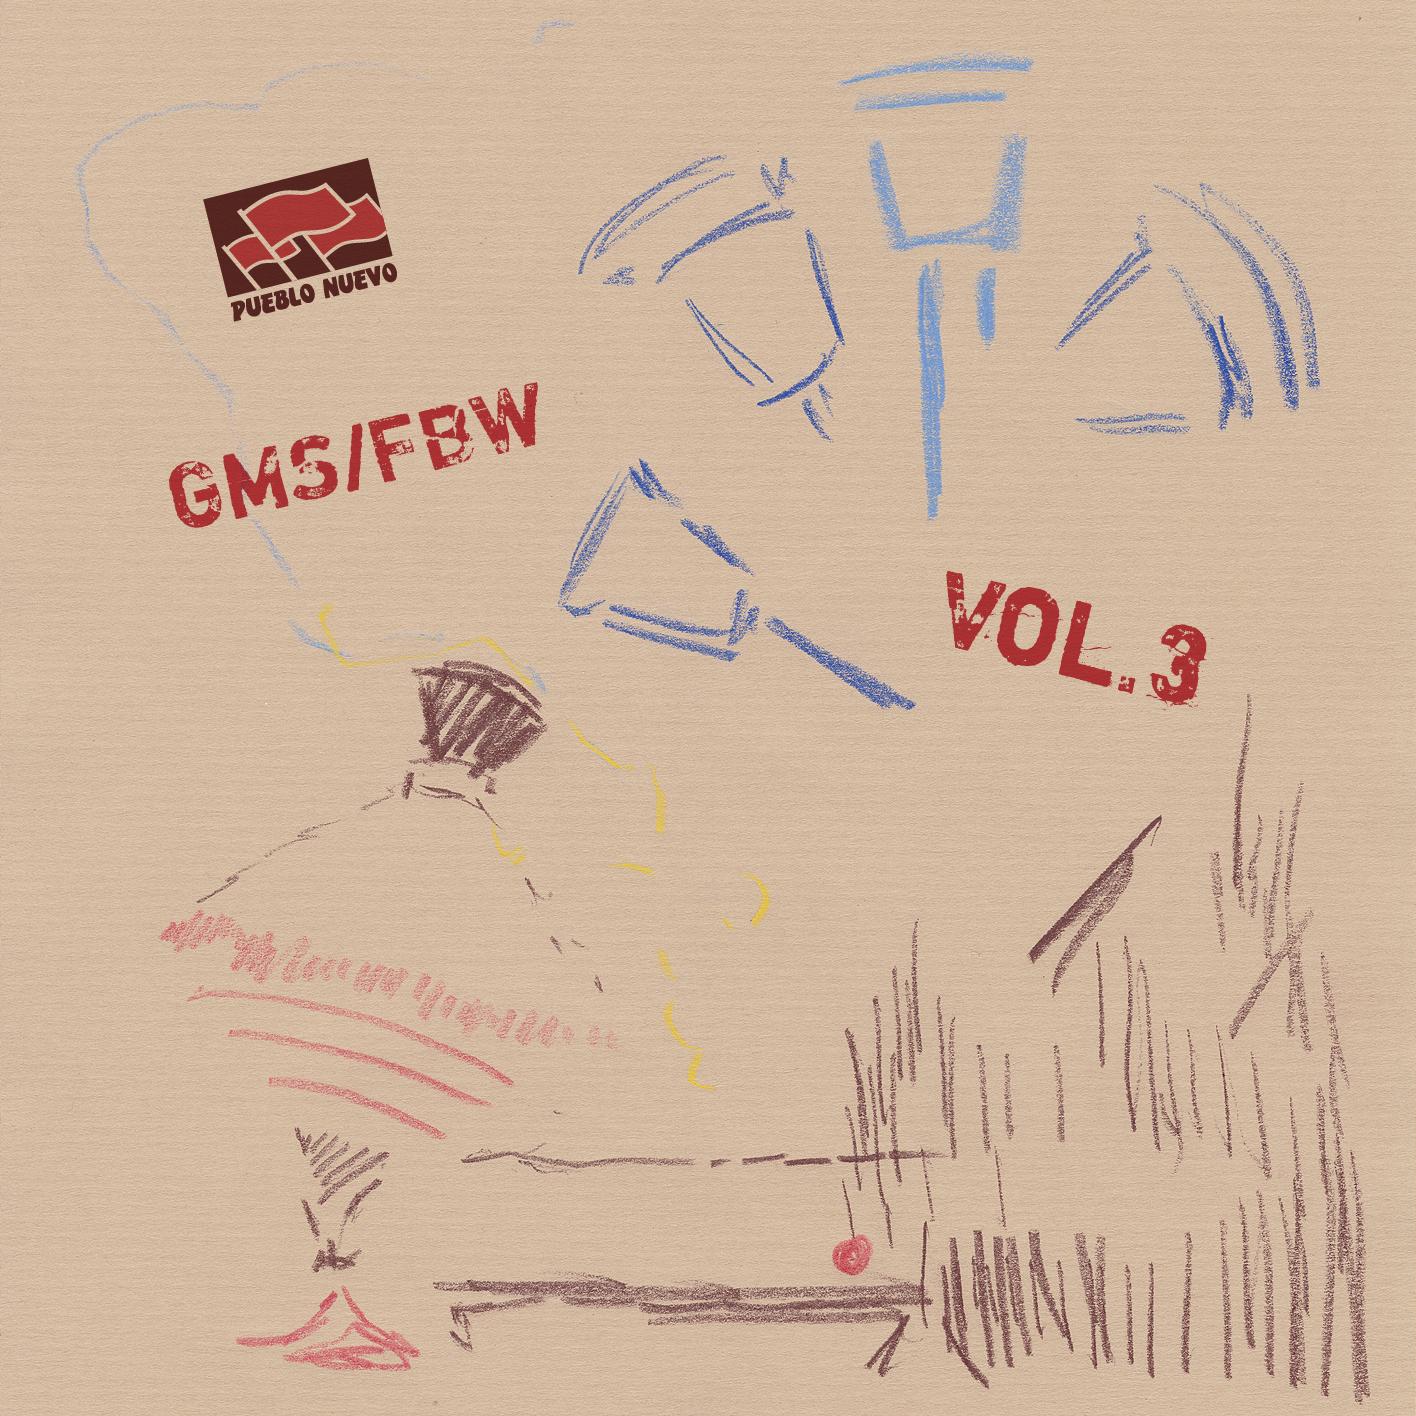 GMS/FBW – Vol.3